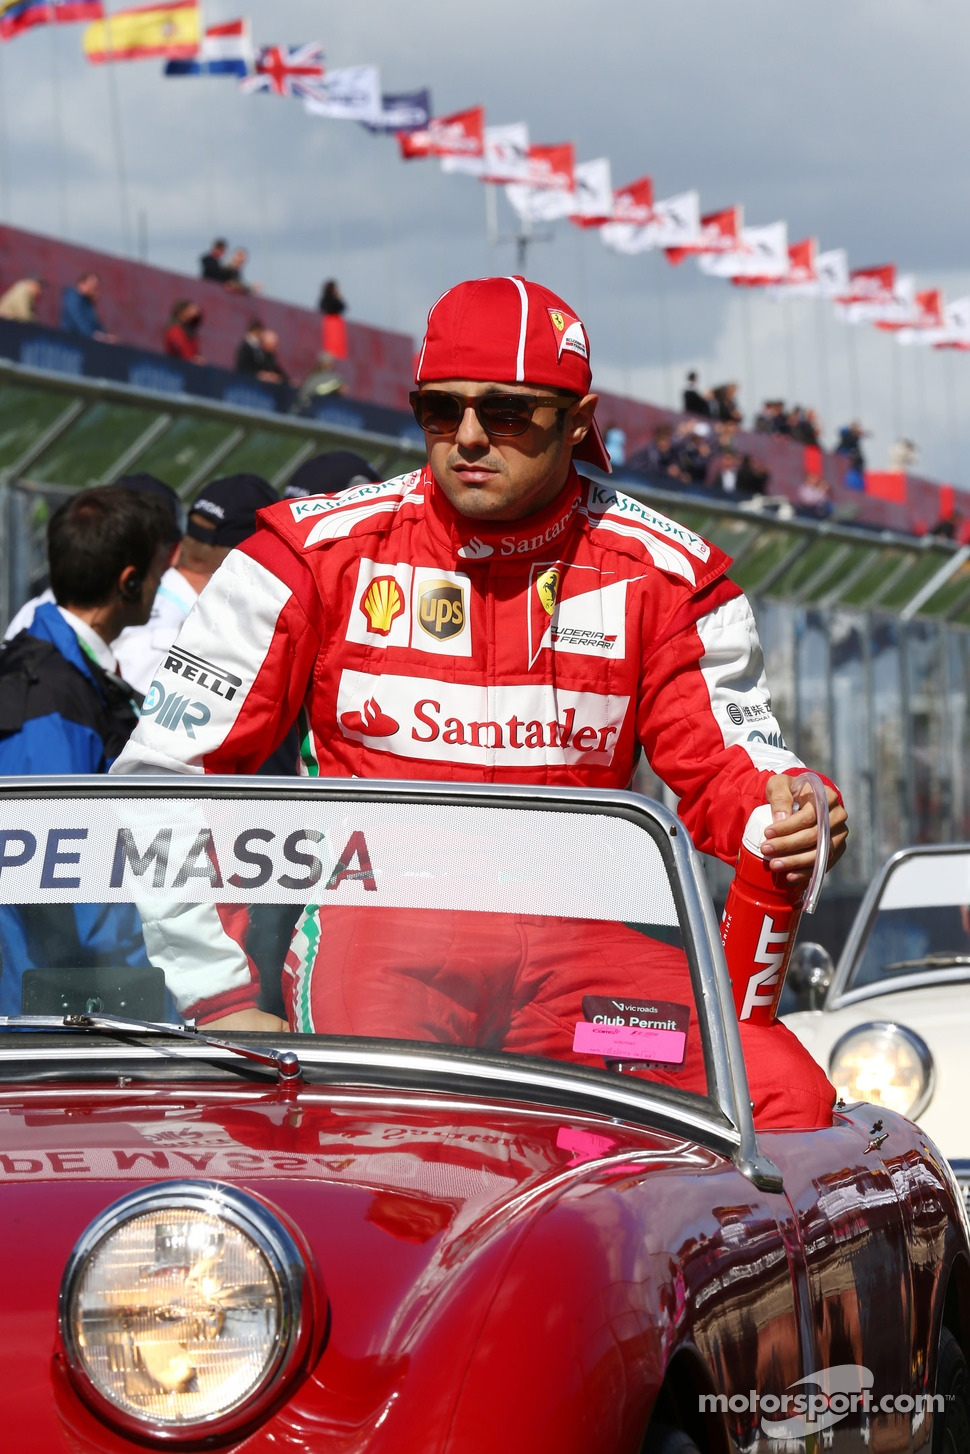 http://cdn-7.motorsport.com/static/img/mgl/1500000/1520000/1525000/1525400/1525457/s1_1.jpg